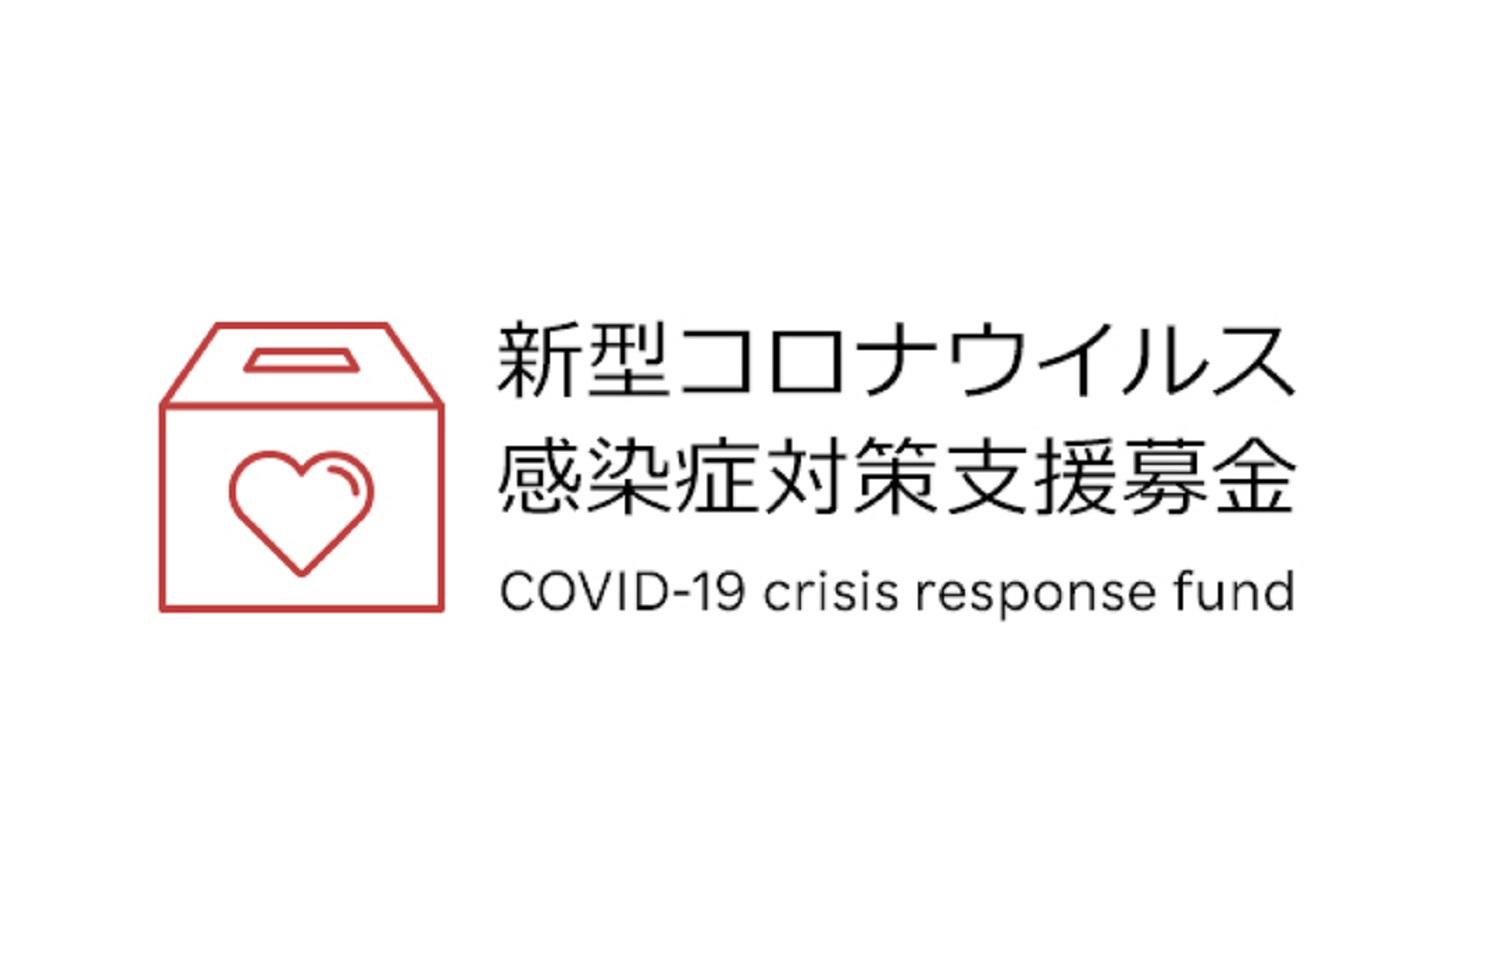 新型コロナウイルス感染症対策を支援する「楽天クラッチ募金」を受付中です